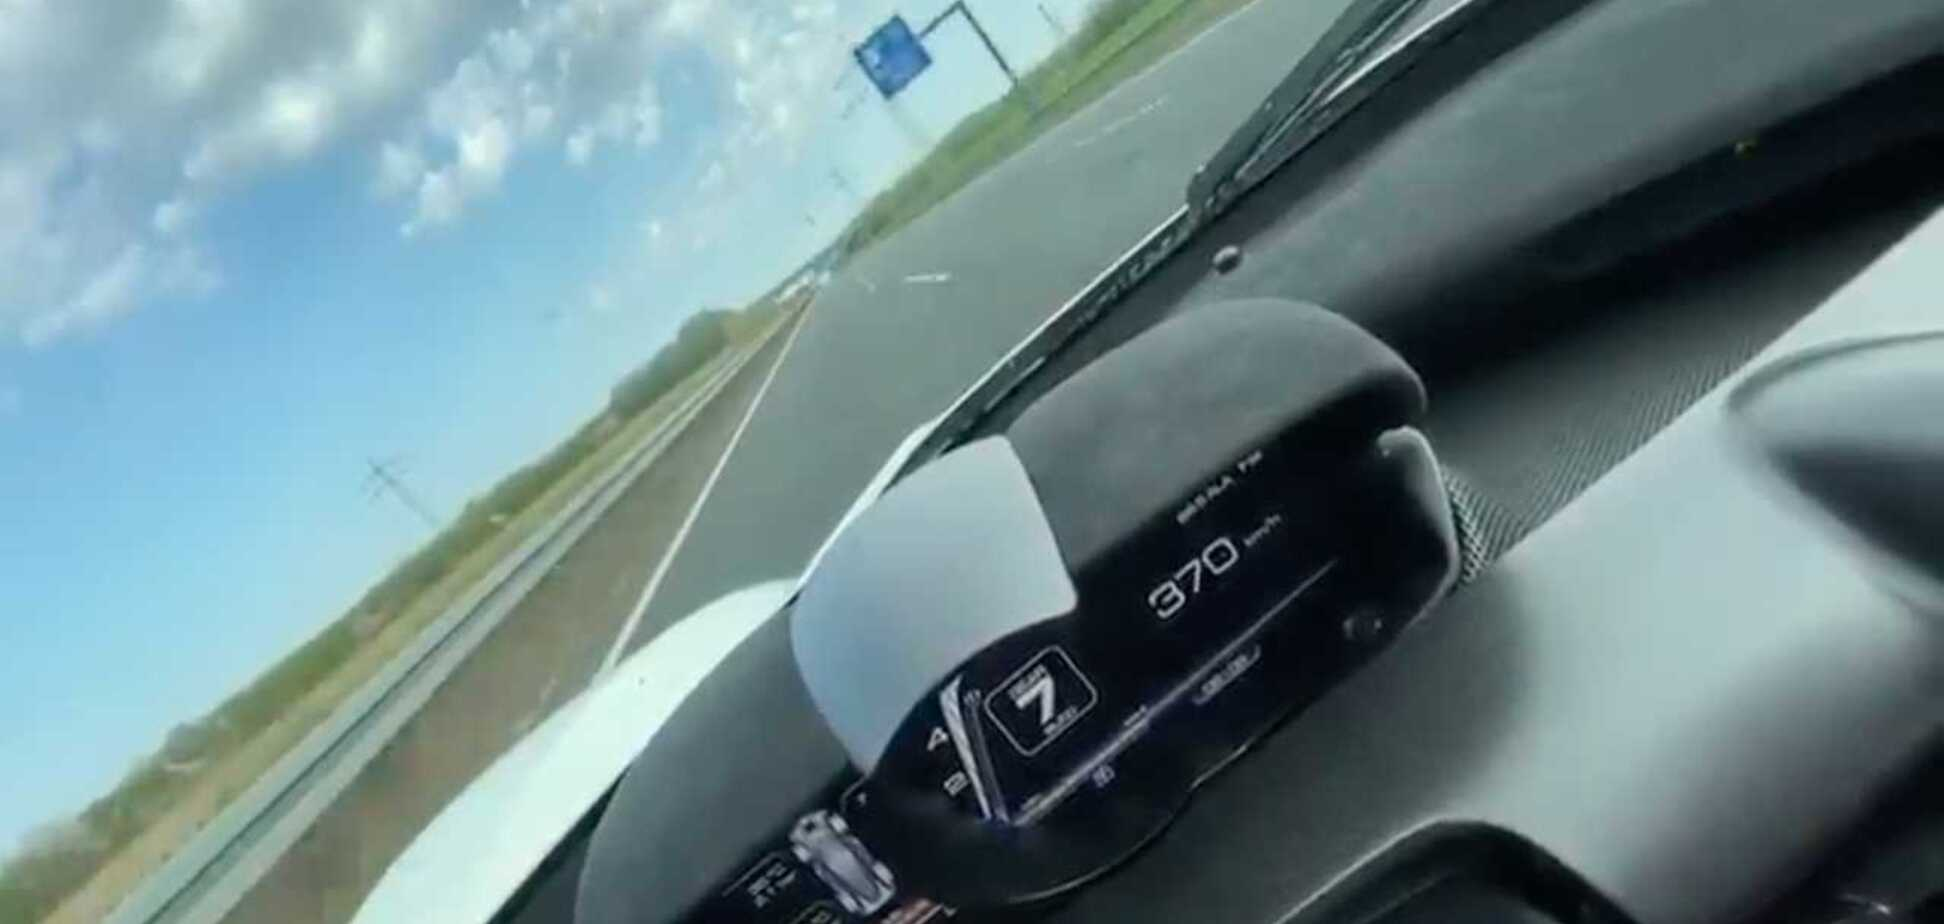 Водитель снял из салона авто свой разгон до 372 км/ч. Видео